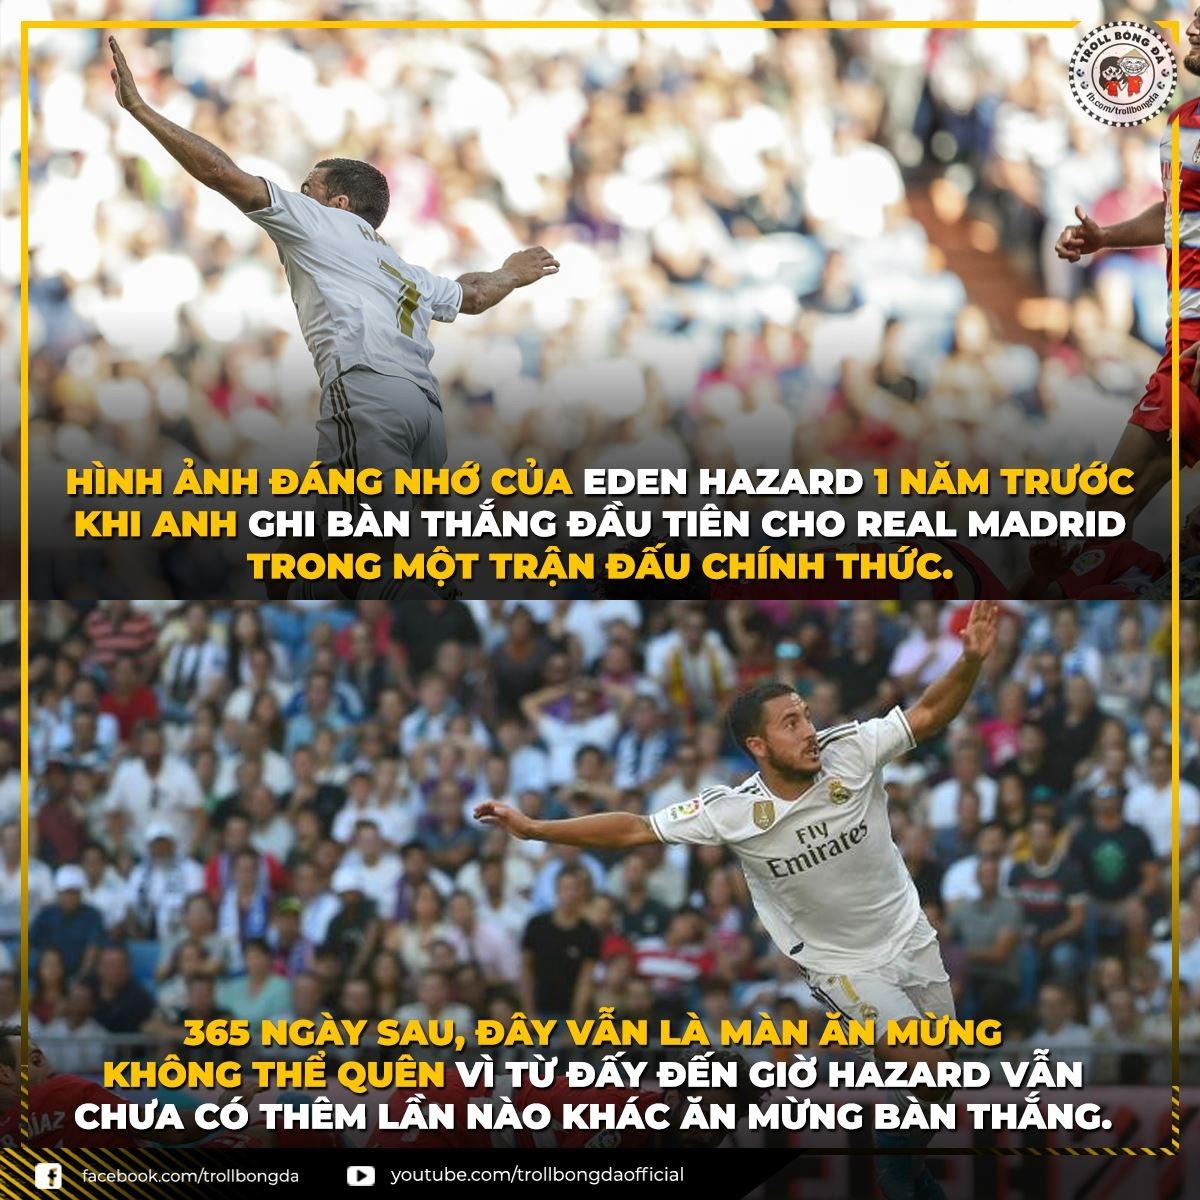 Paul Pogba nên cân nhắc tấm gương Eden Hazard nếu muốn sang Real Madrid. (Ảnh: Troll Bóng Đá)